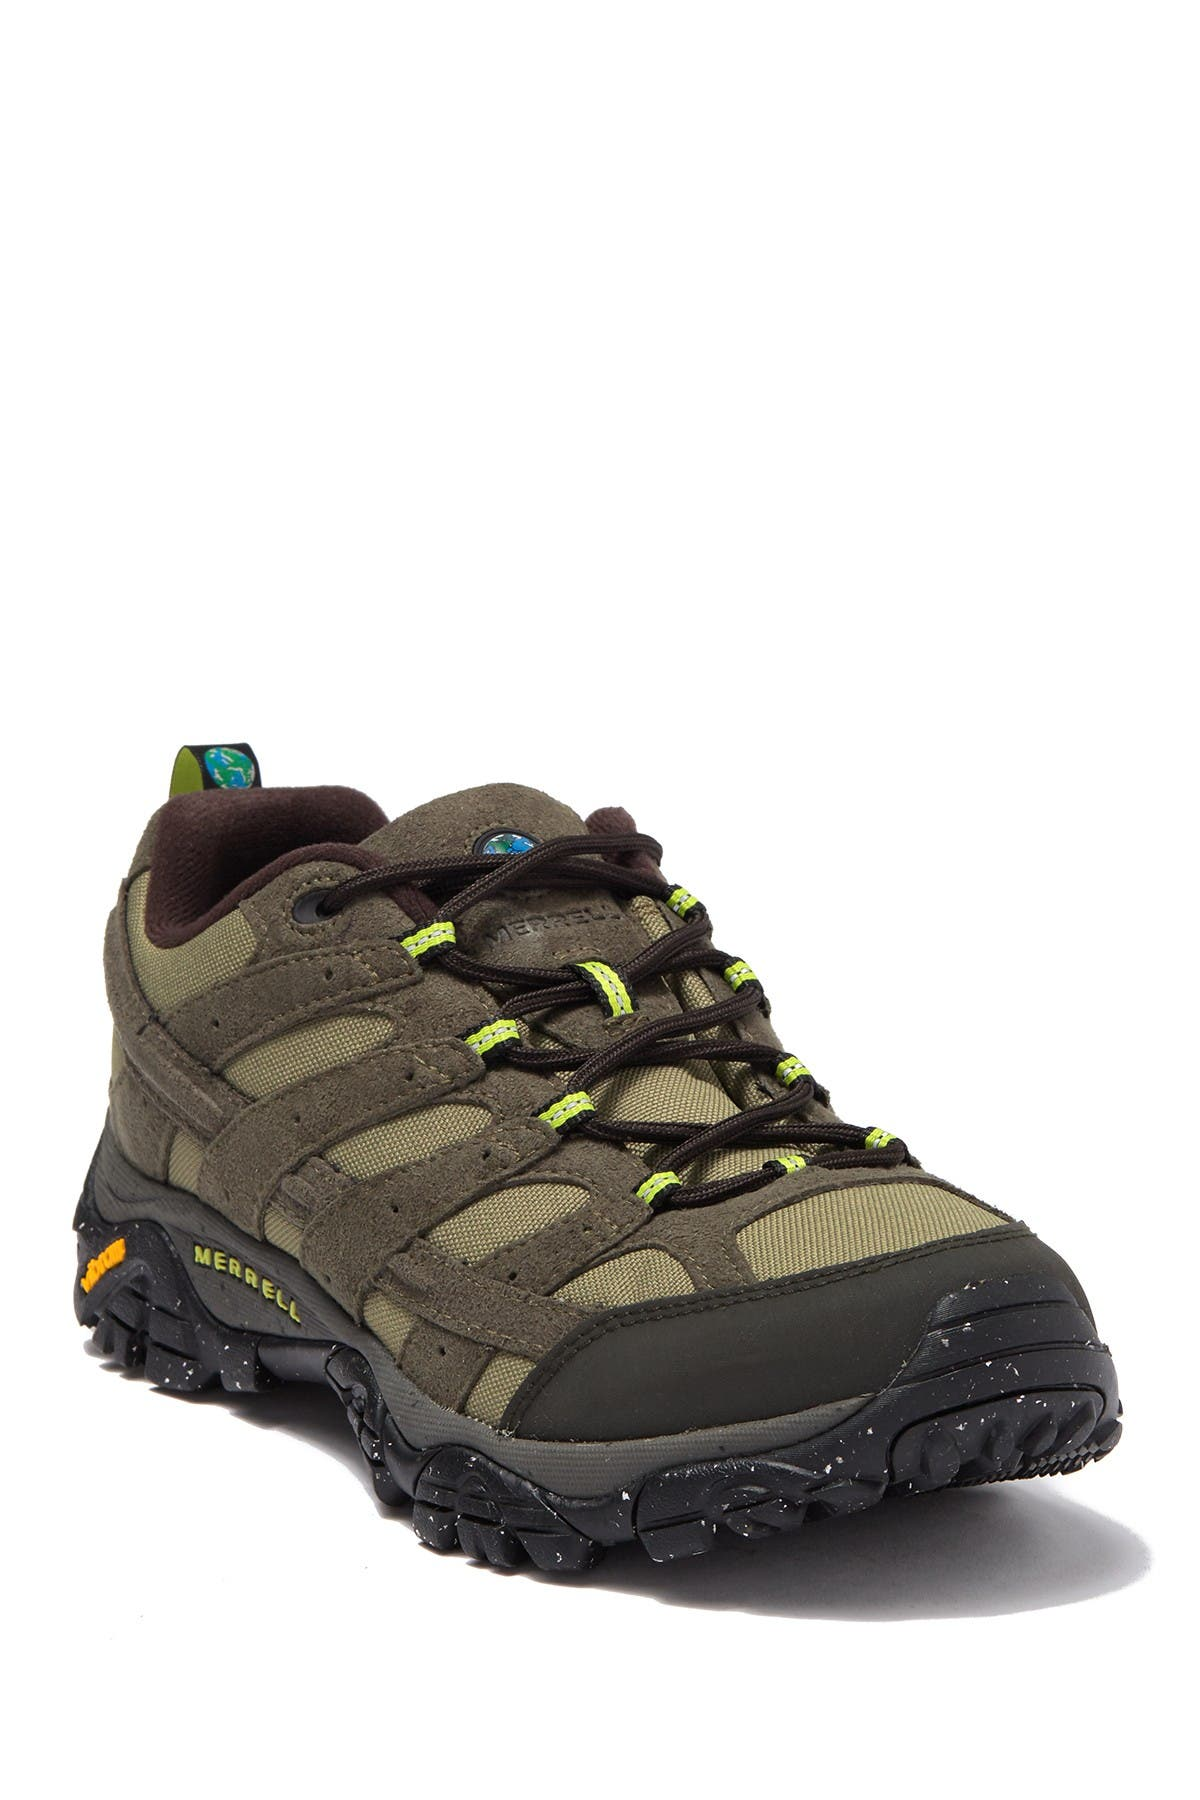 Merrell | Moab 2 Vegan Hiking Shoe